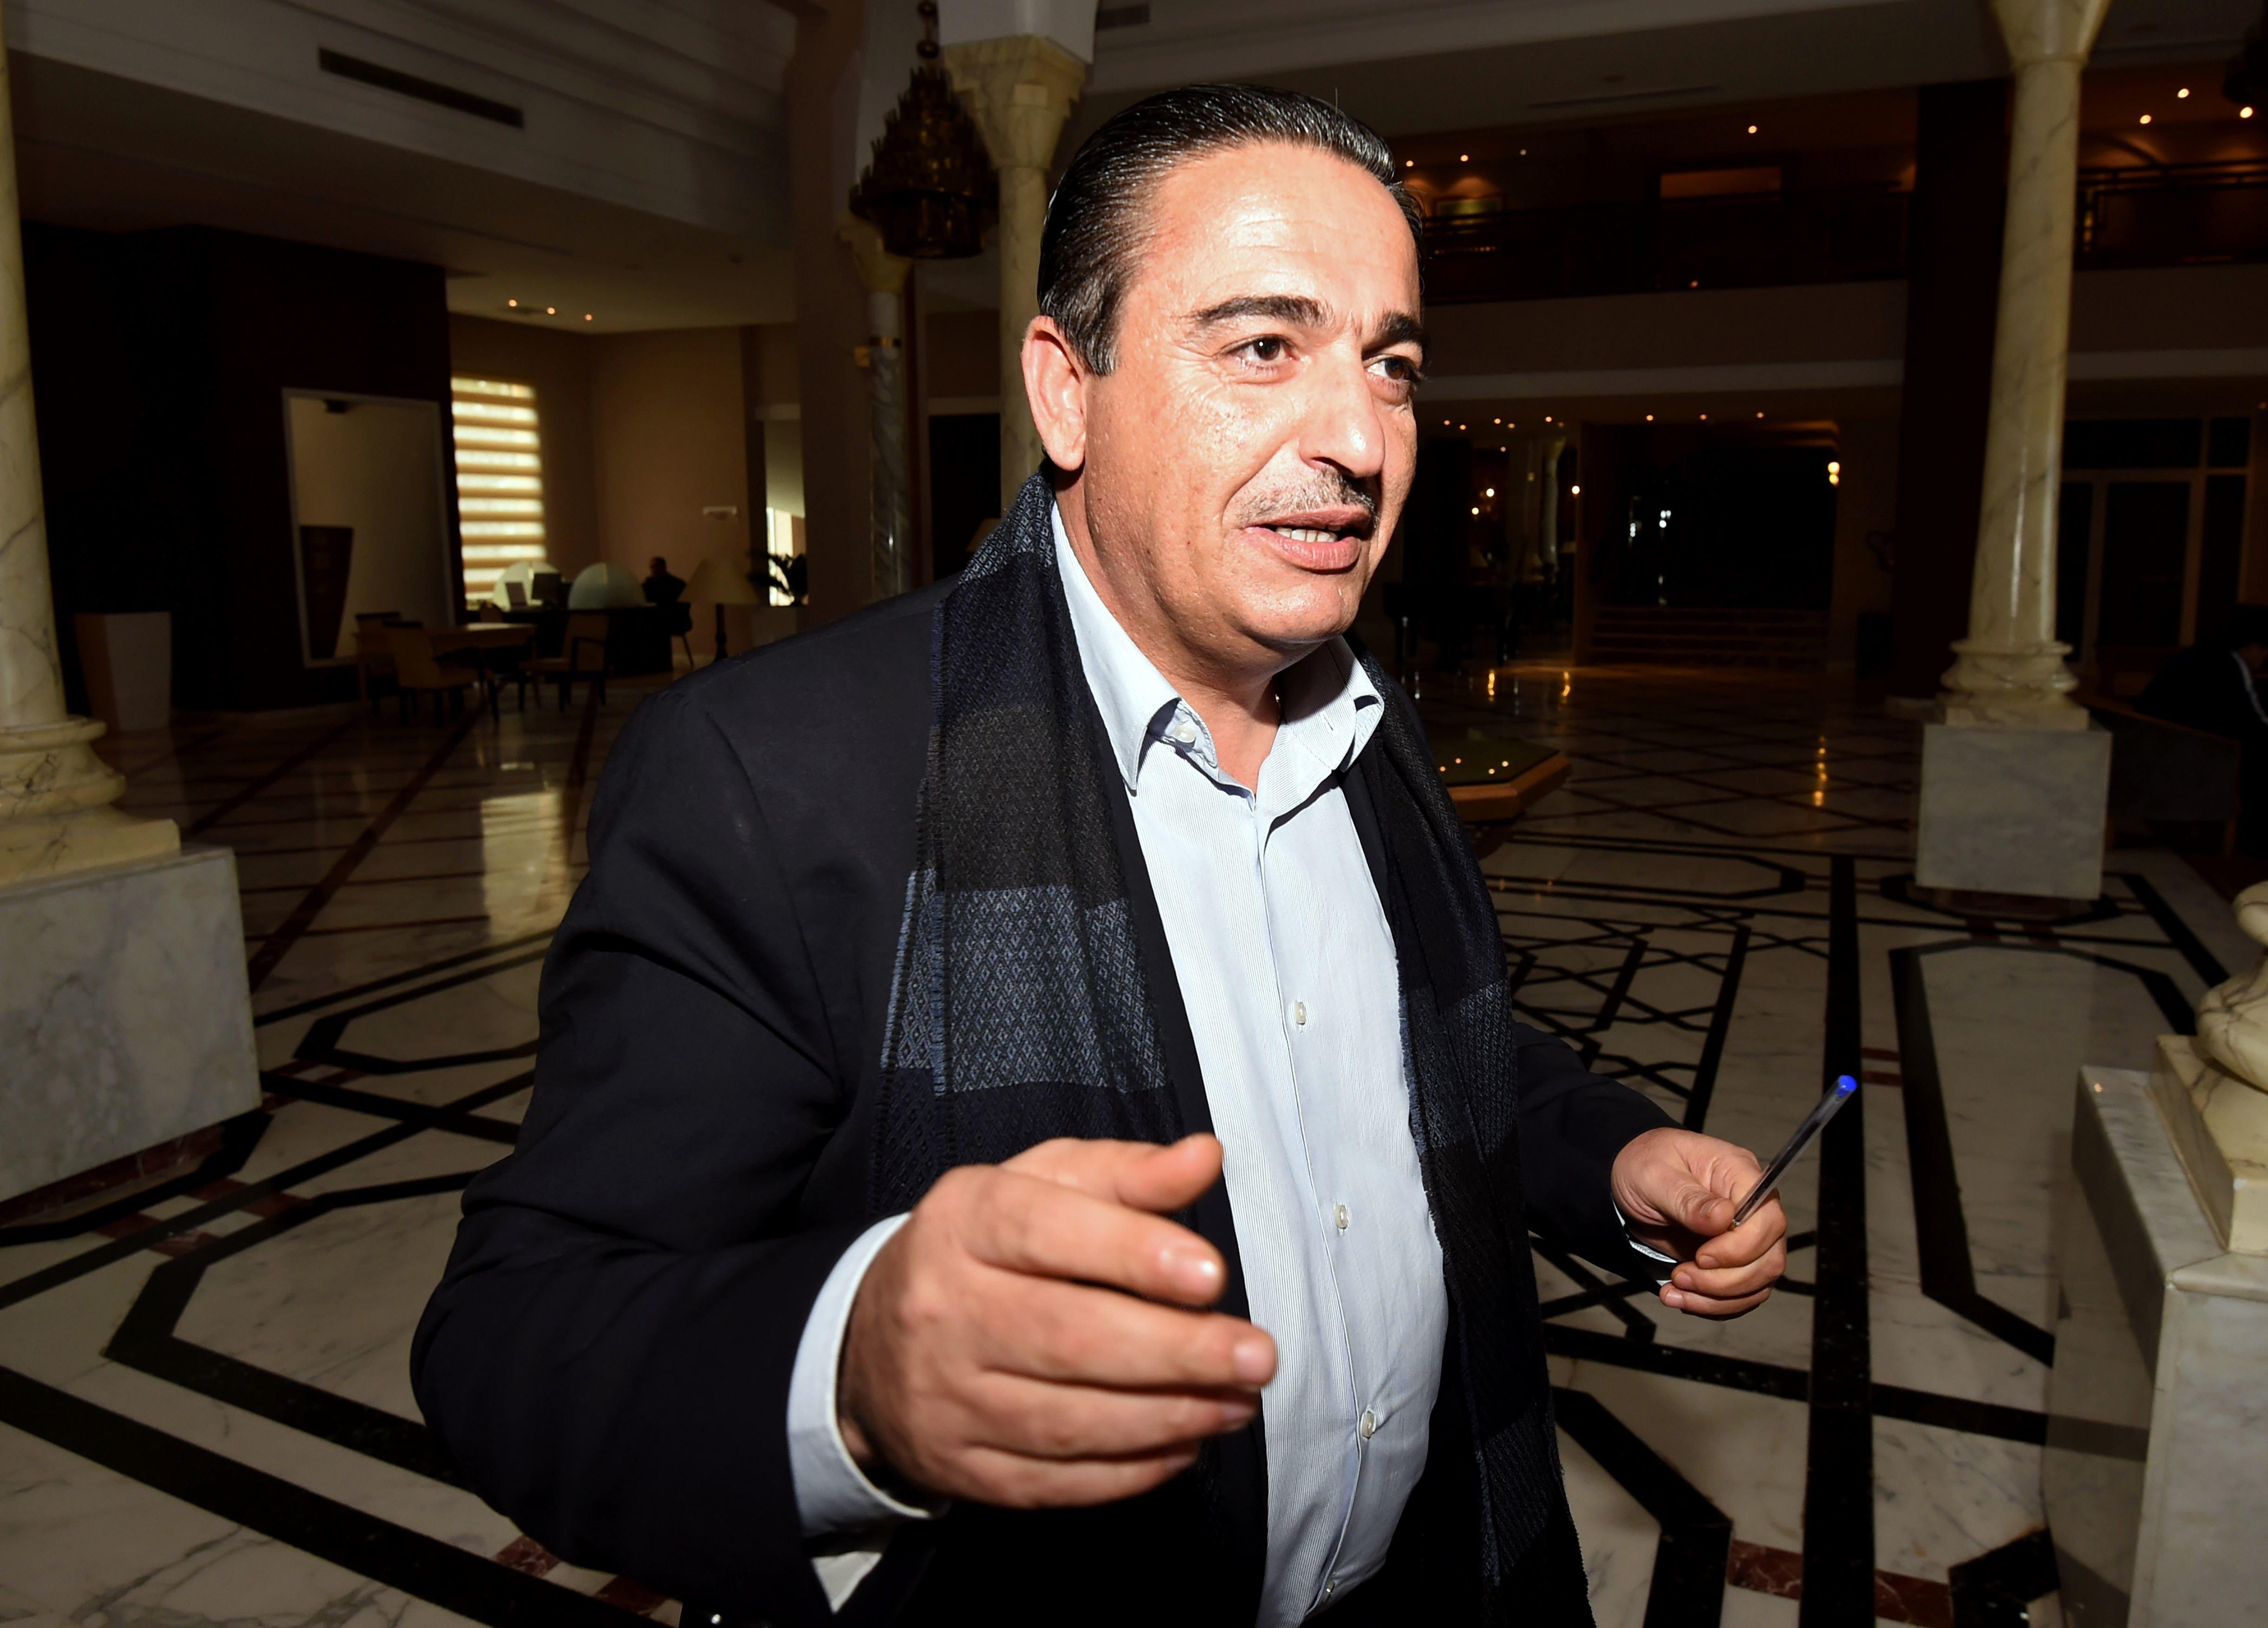 La Justice militaire dénonce une campagne de dénigrement à son encontre dans le traitement médiatique de l'affaire de Chafik